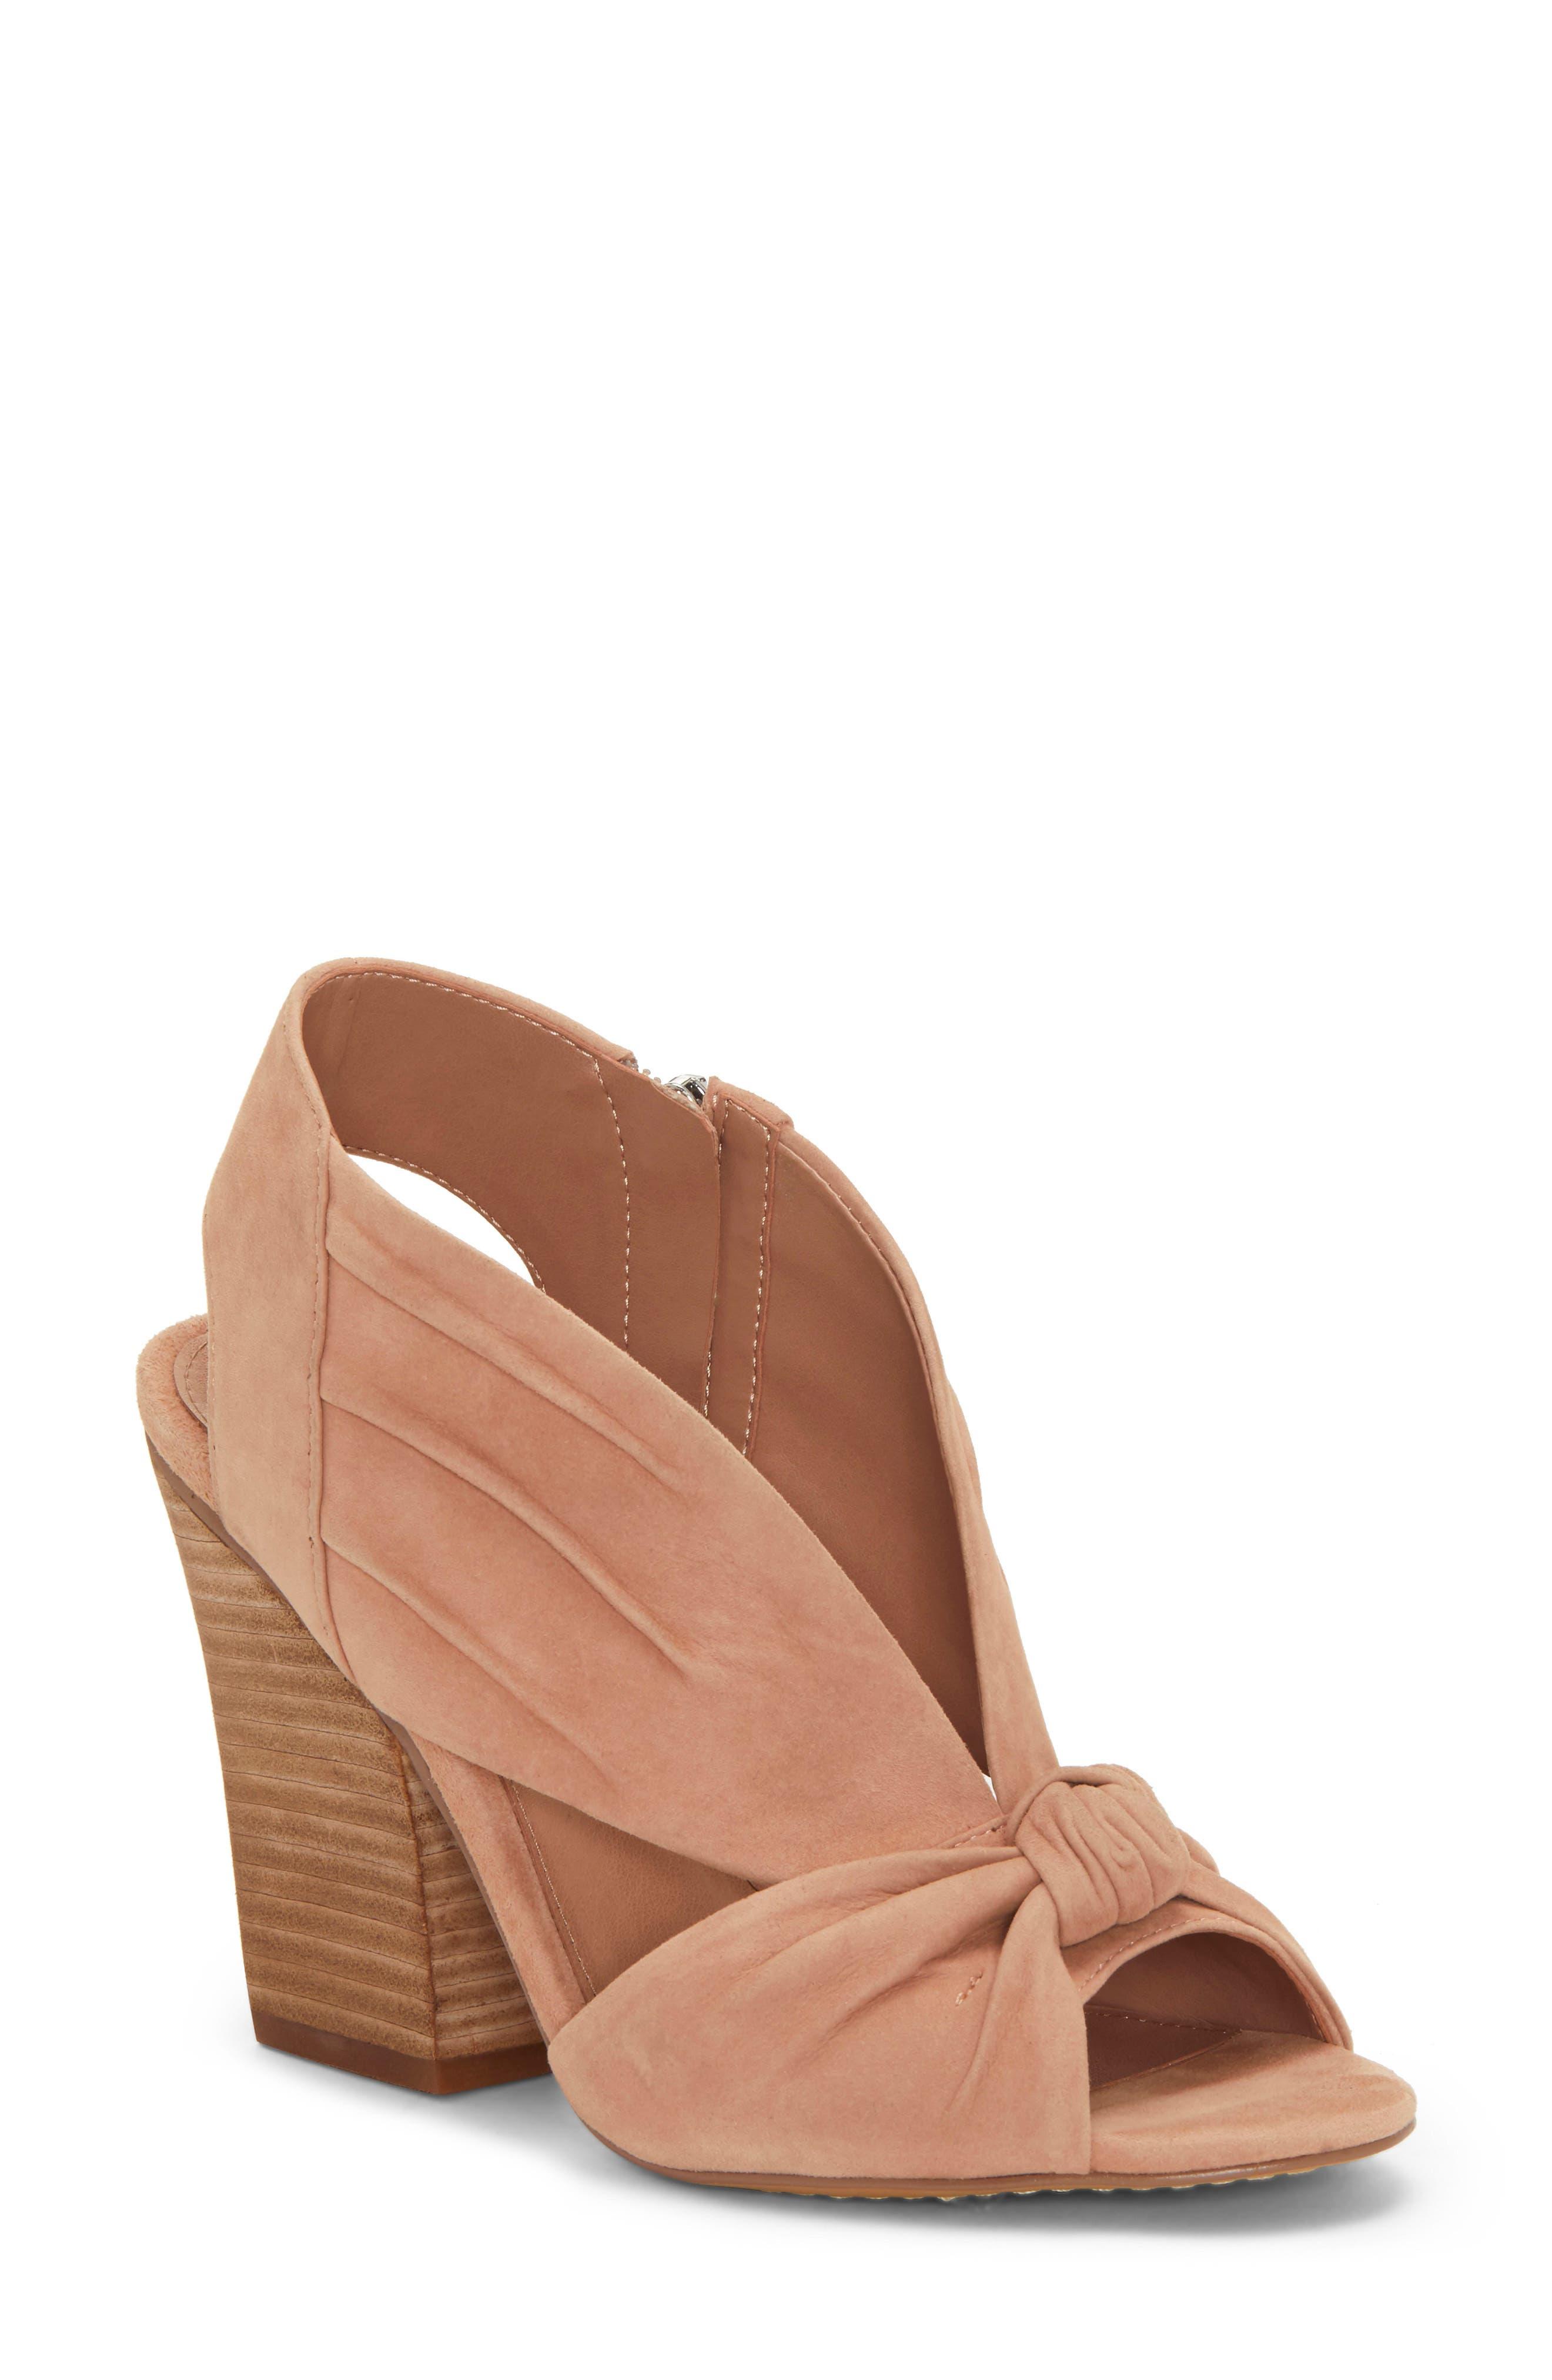 605276244ee Women s Sandals on SALE!  90 -  99.99